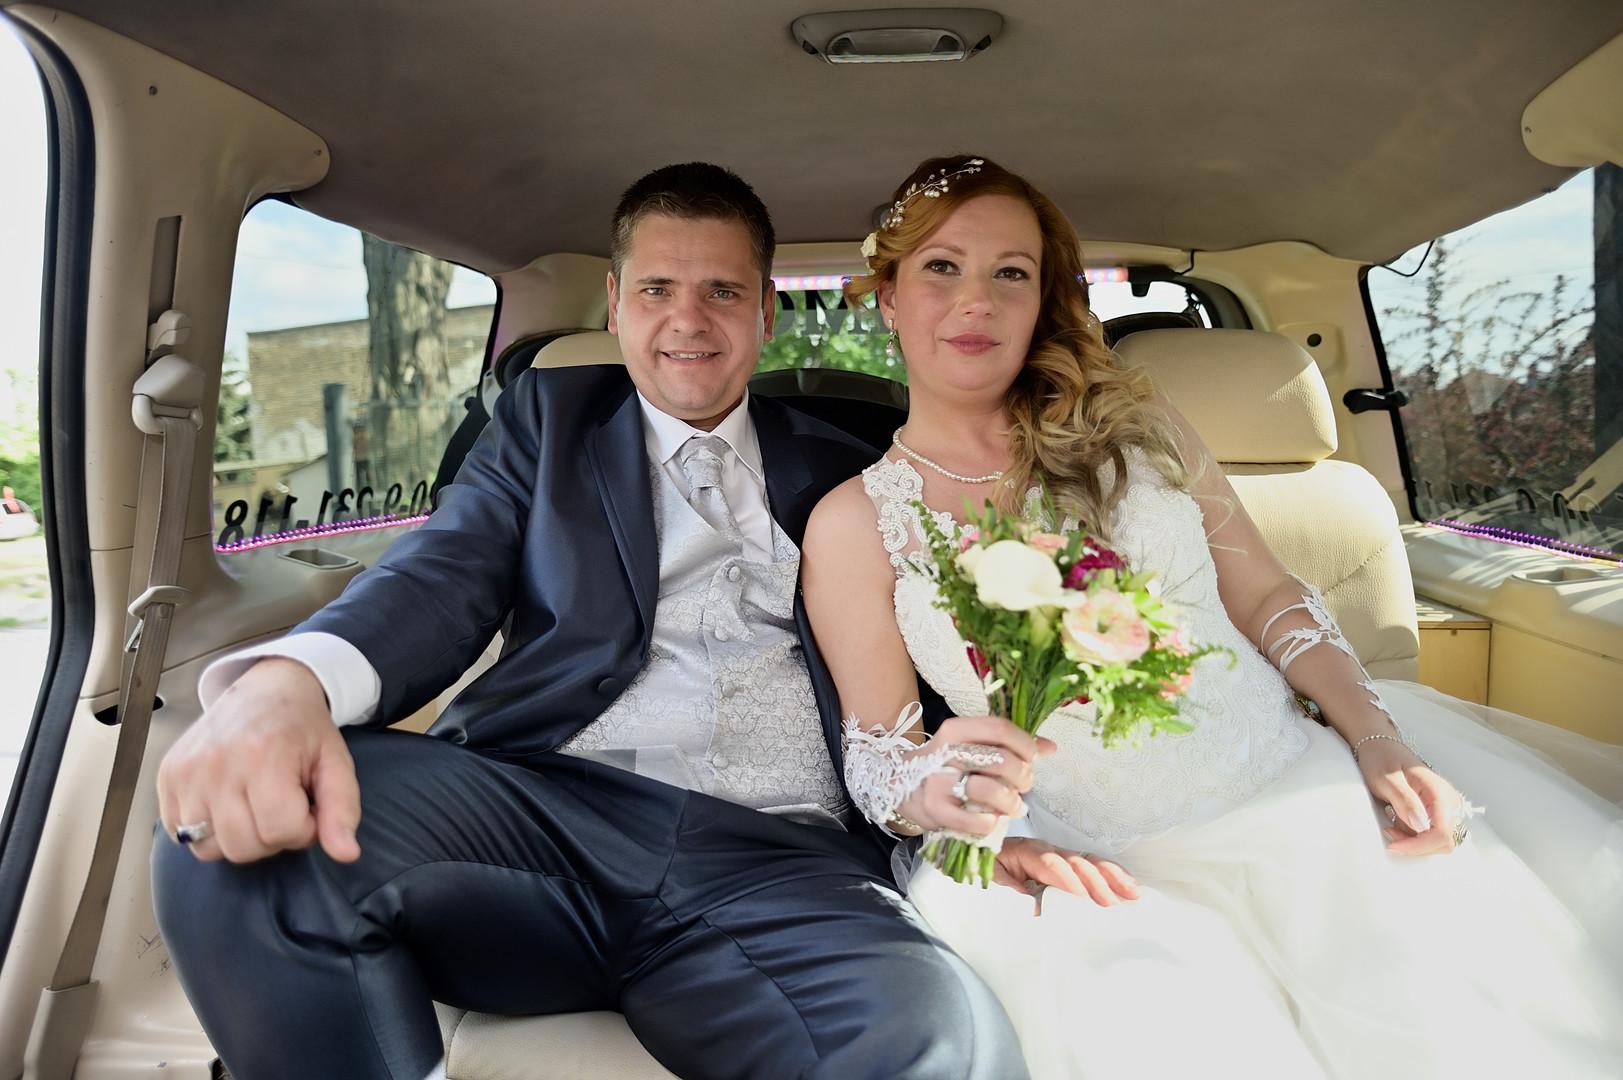 386  Esküvői fotózás - Enikő és Peti KRE